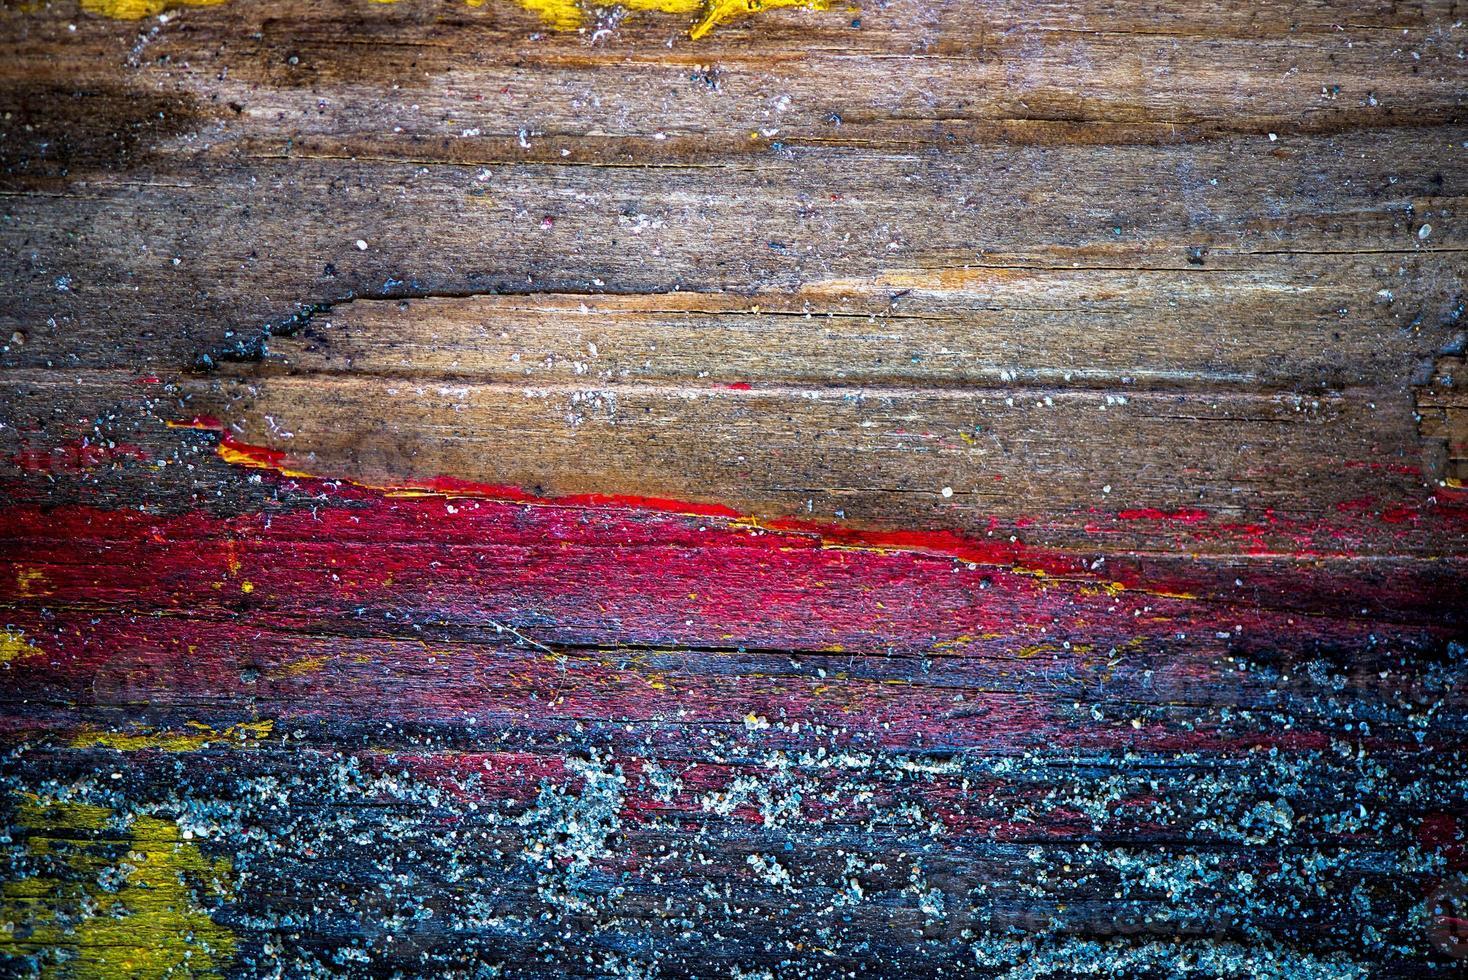 målad gammal trävägg med sand på den foto